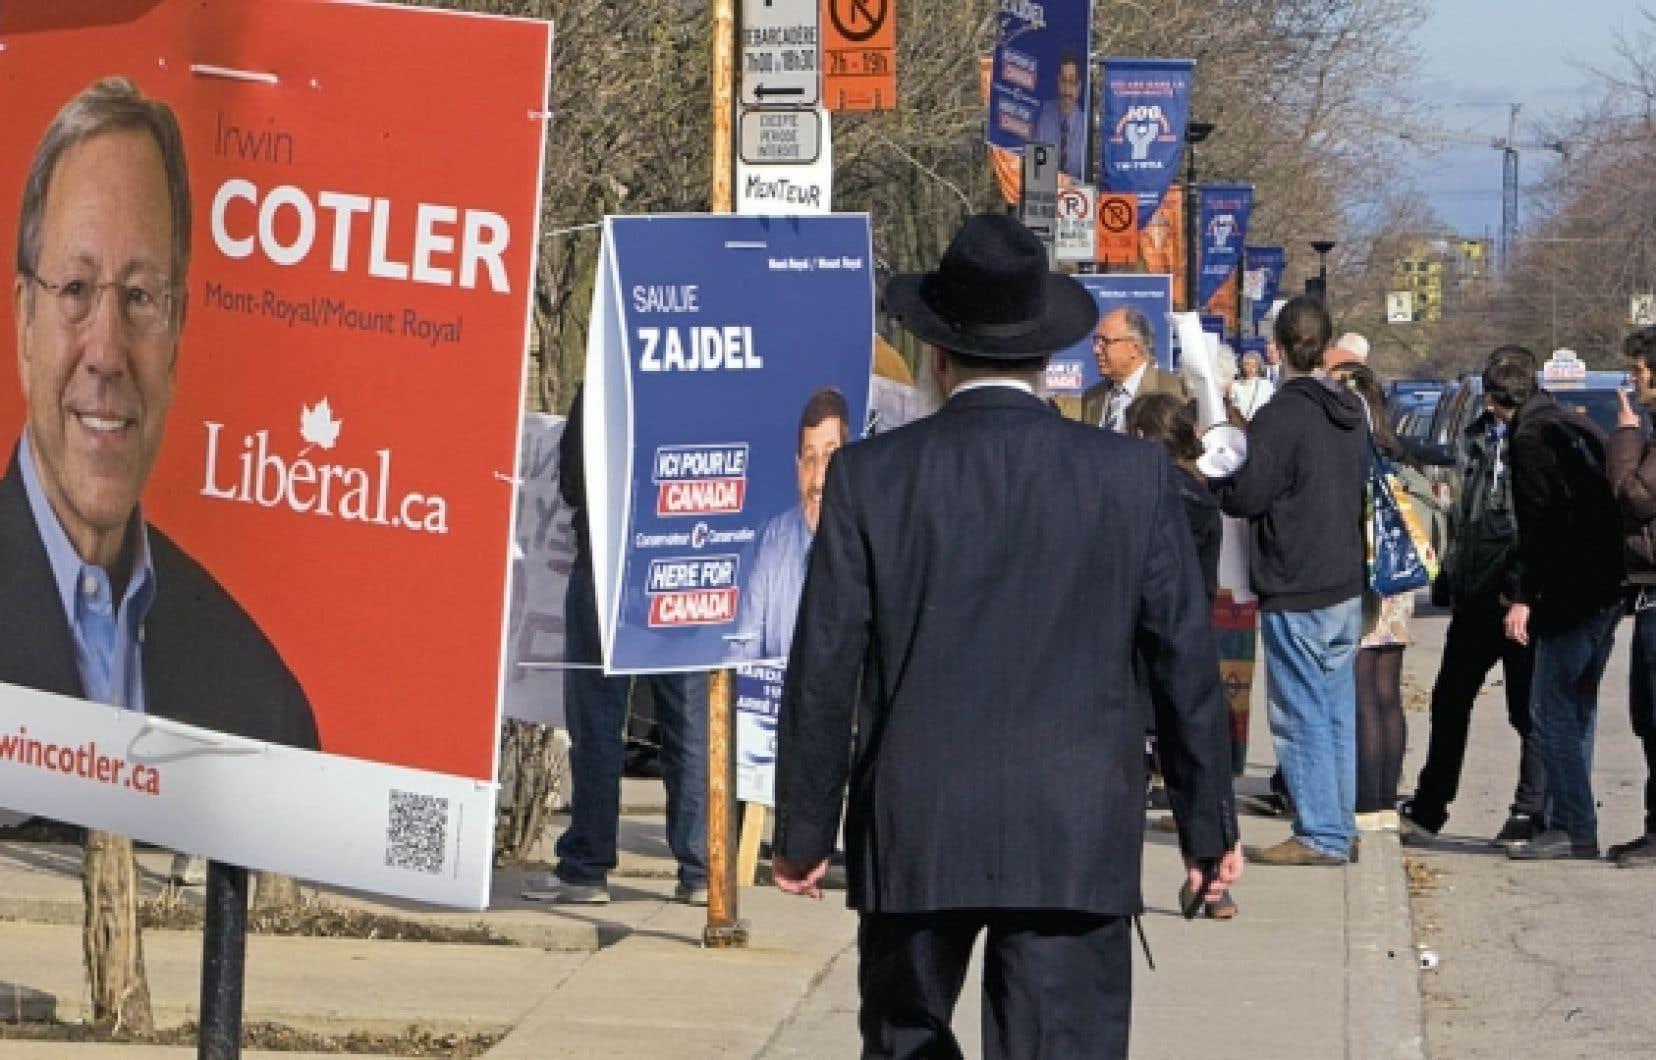 Irwin Cotler a remporté la circonscription Mont-Royal en mai dernier, devant le candidat conservateur Saulie Zajdel.<br />